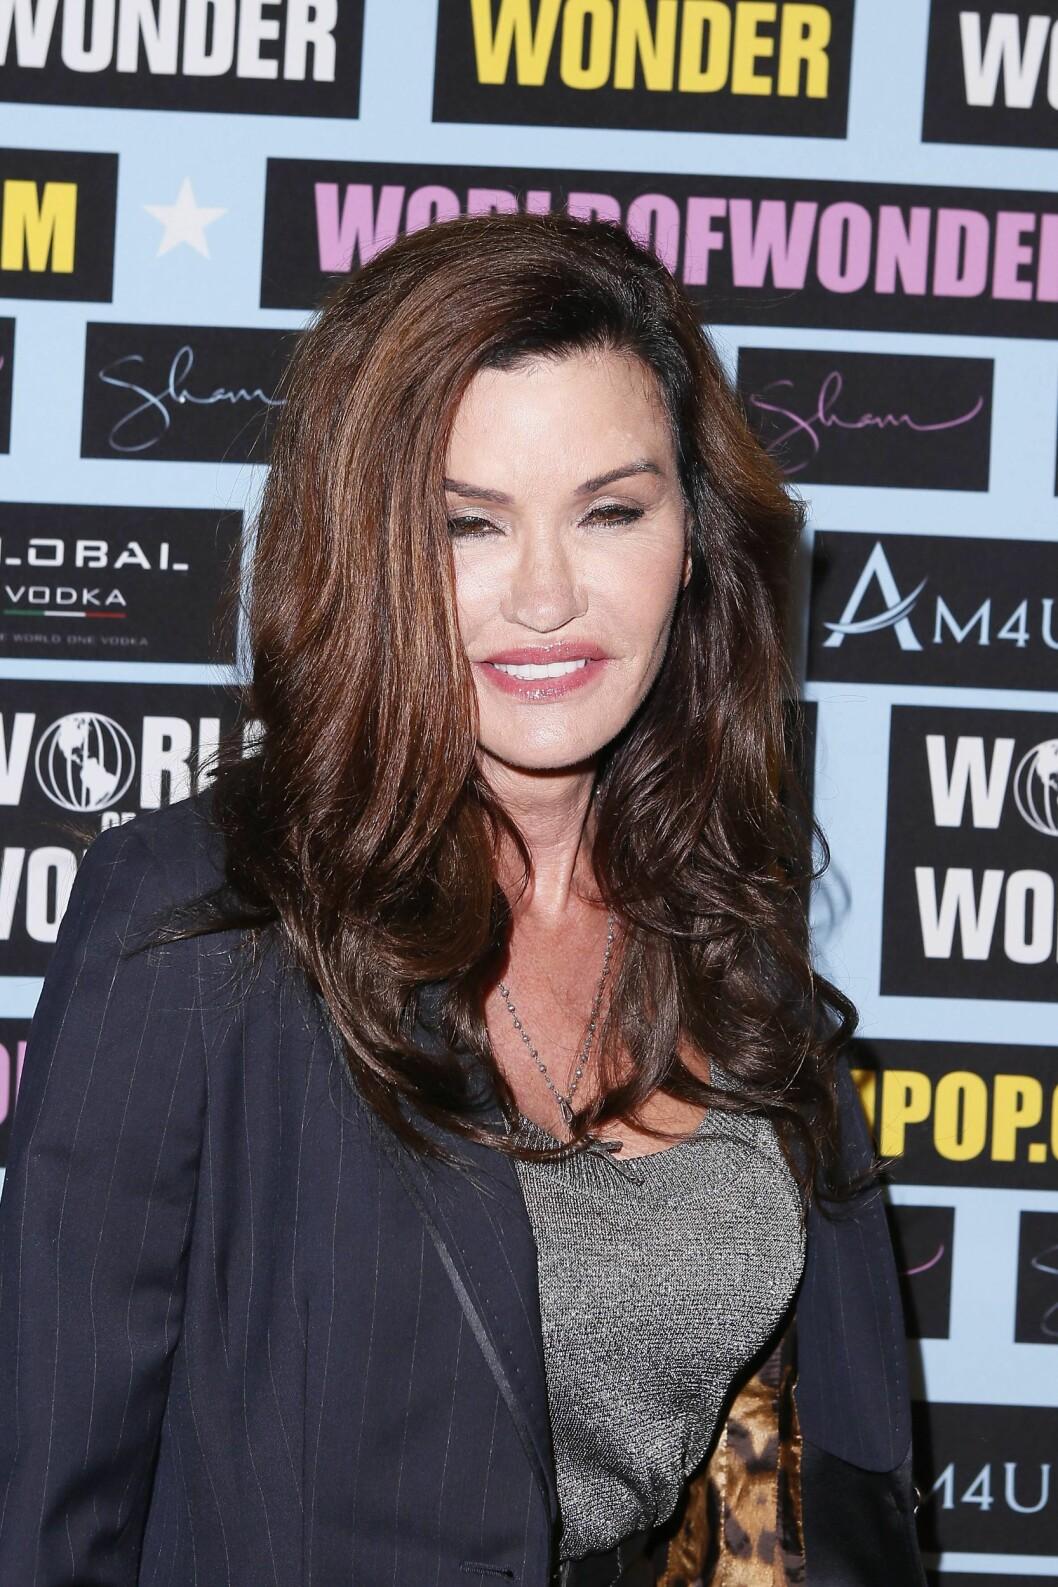 Janice Dickinson i 2014. Den tidligere supermodellen og tv-dommeren har innrømmet at hun elsker plastisk kirurgi. Foto: imago/PanoramiC/ All Over Press